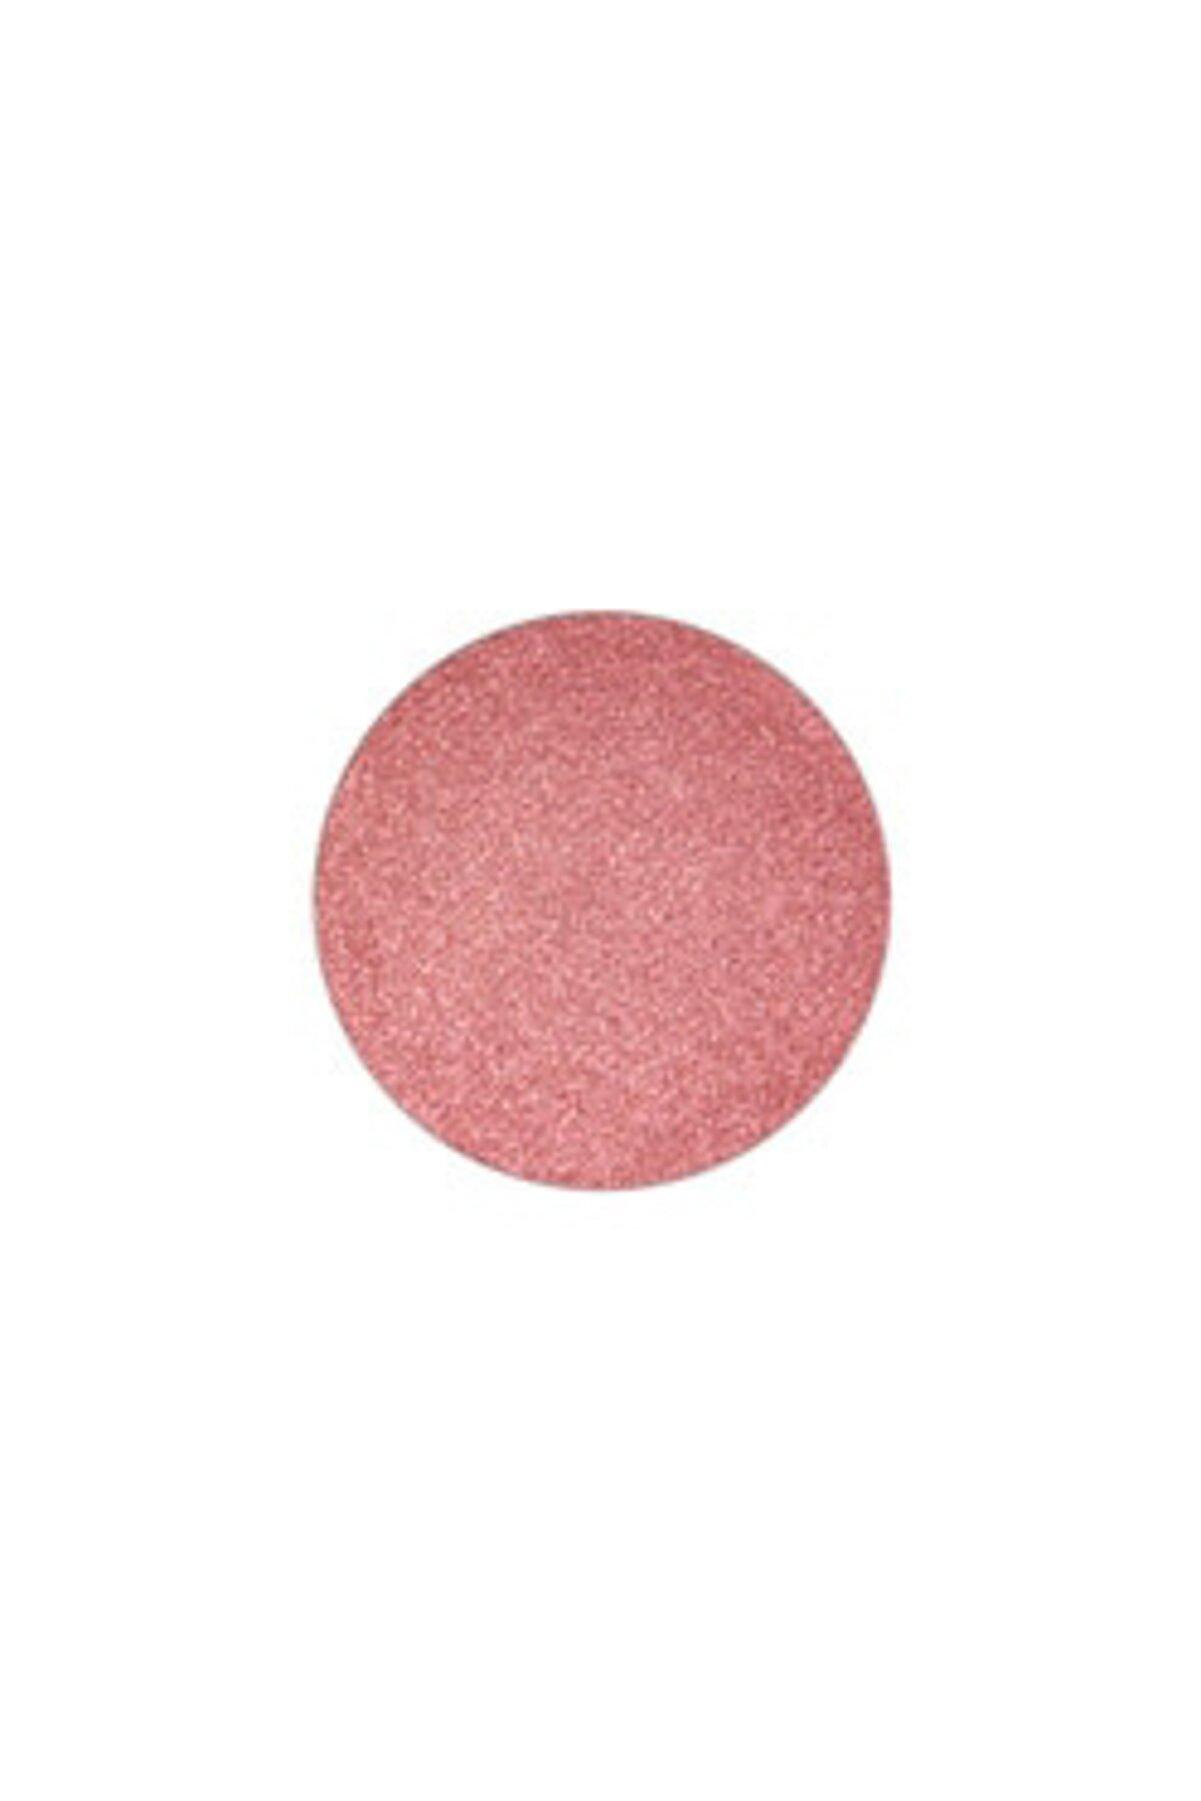 Mac Göz Farı - Refill Far Libra 773602572847